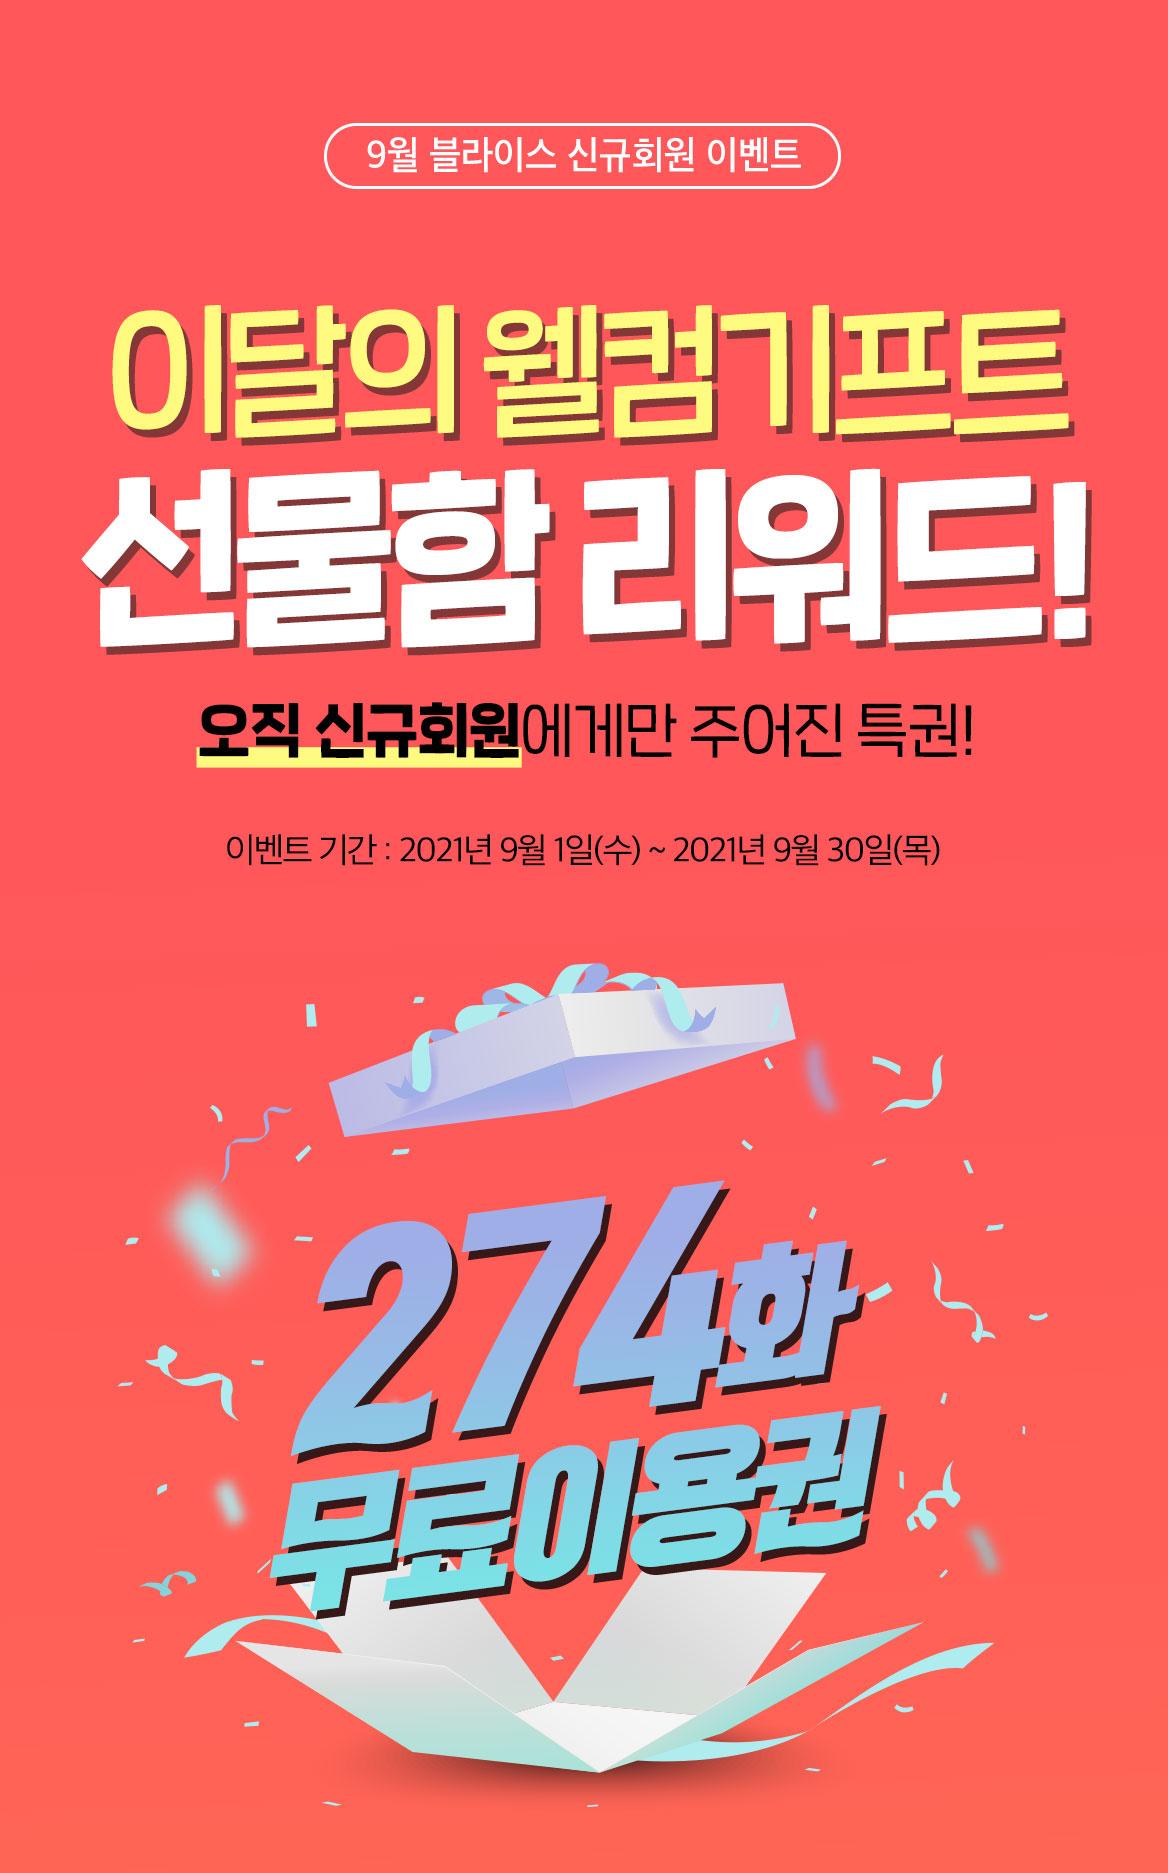 9월 로맨스 웰컴기프트 선물함 이벤트_상세이미지